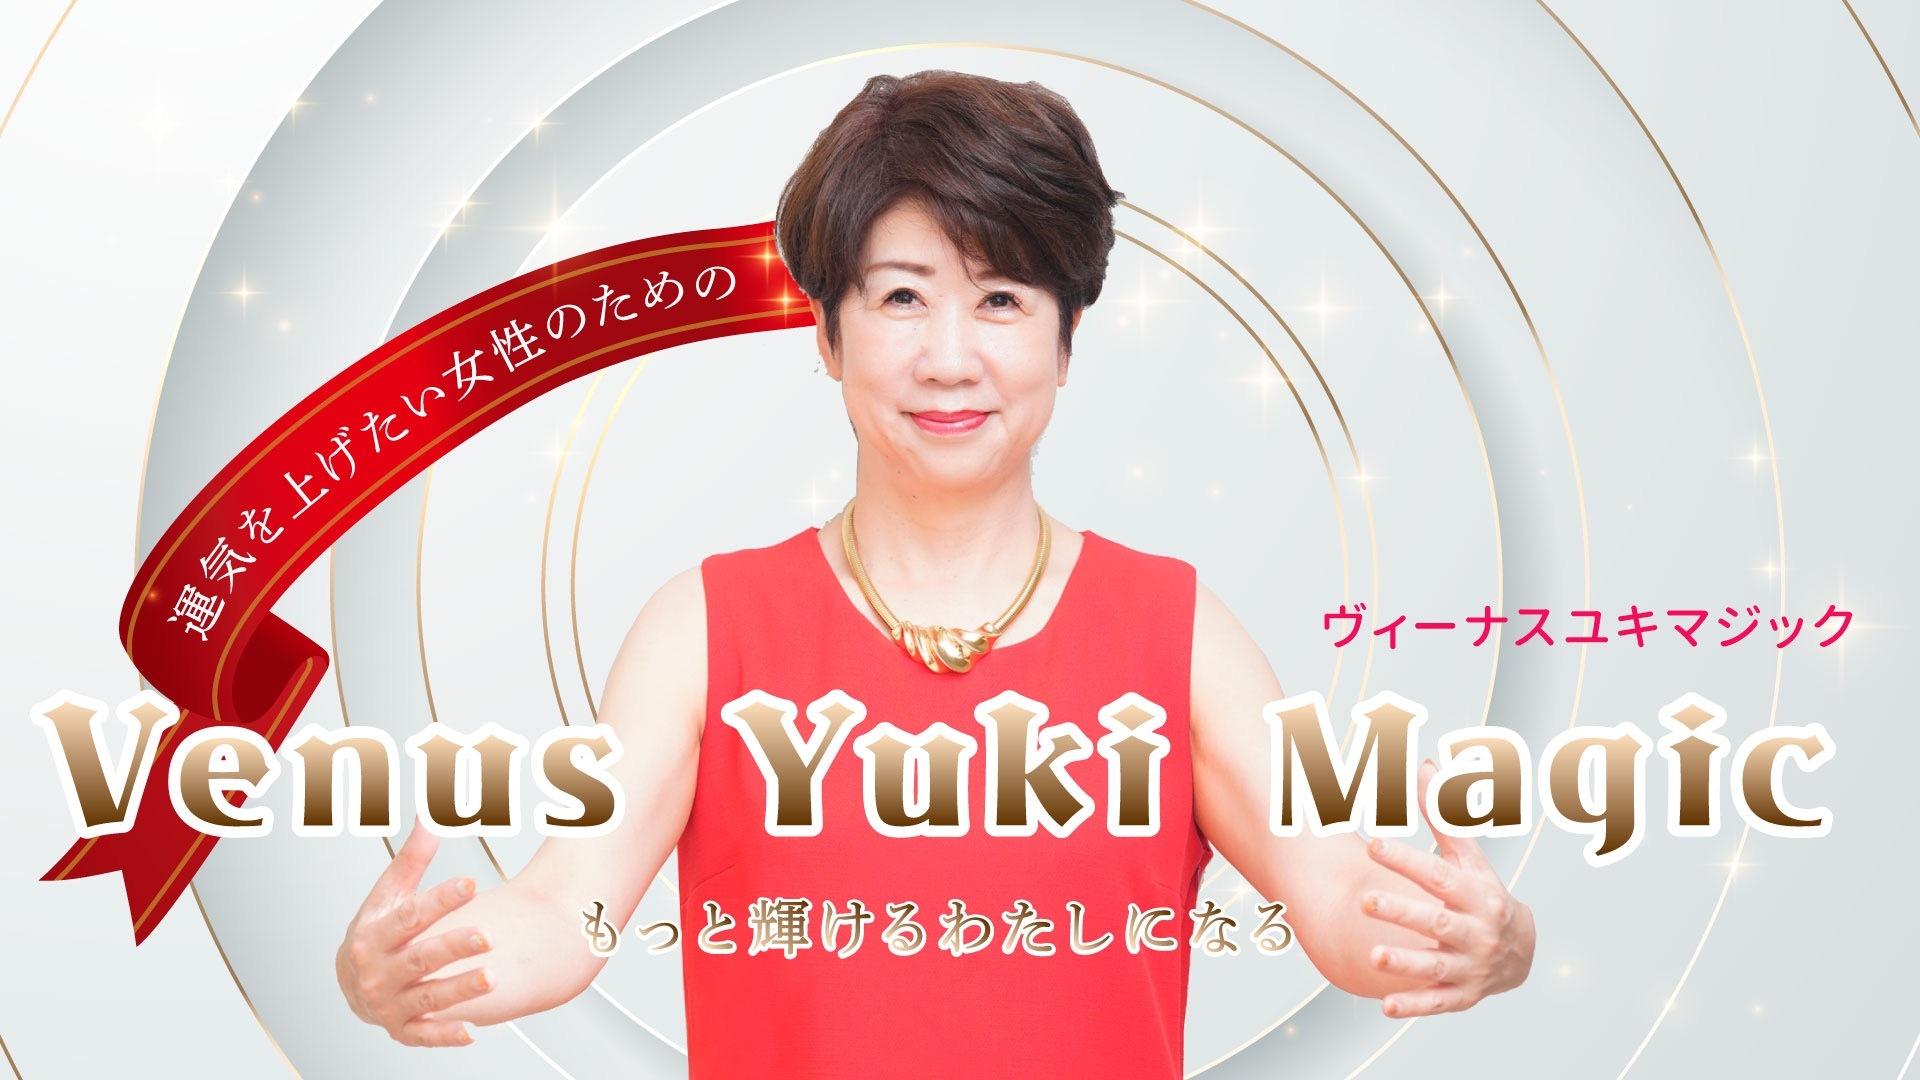 Venus Yuki Magic